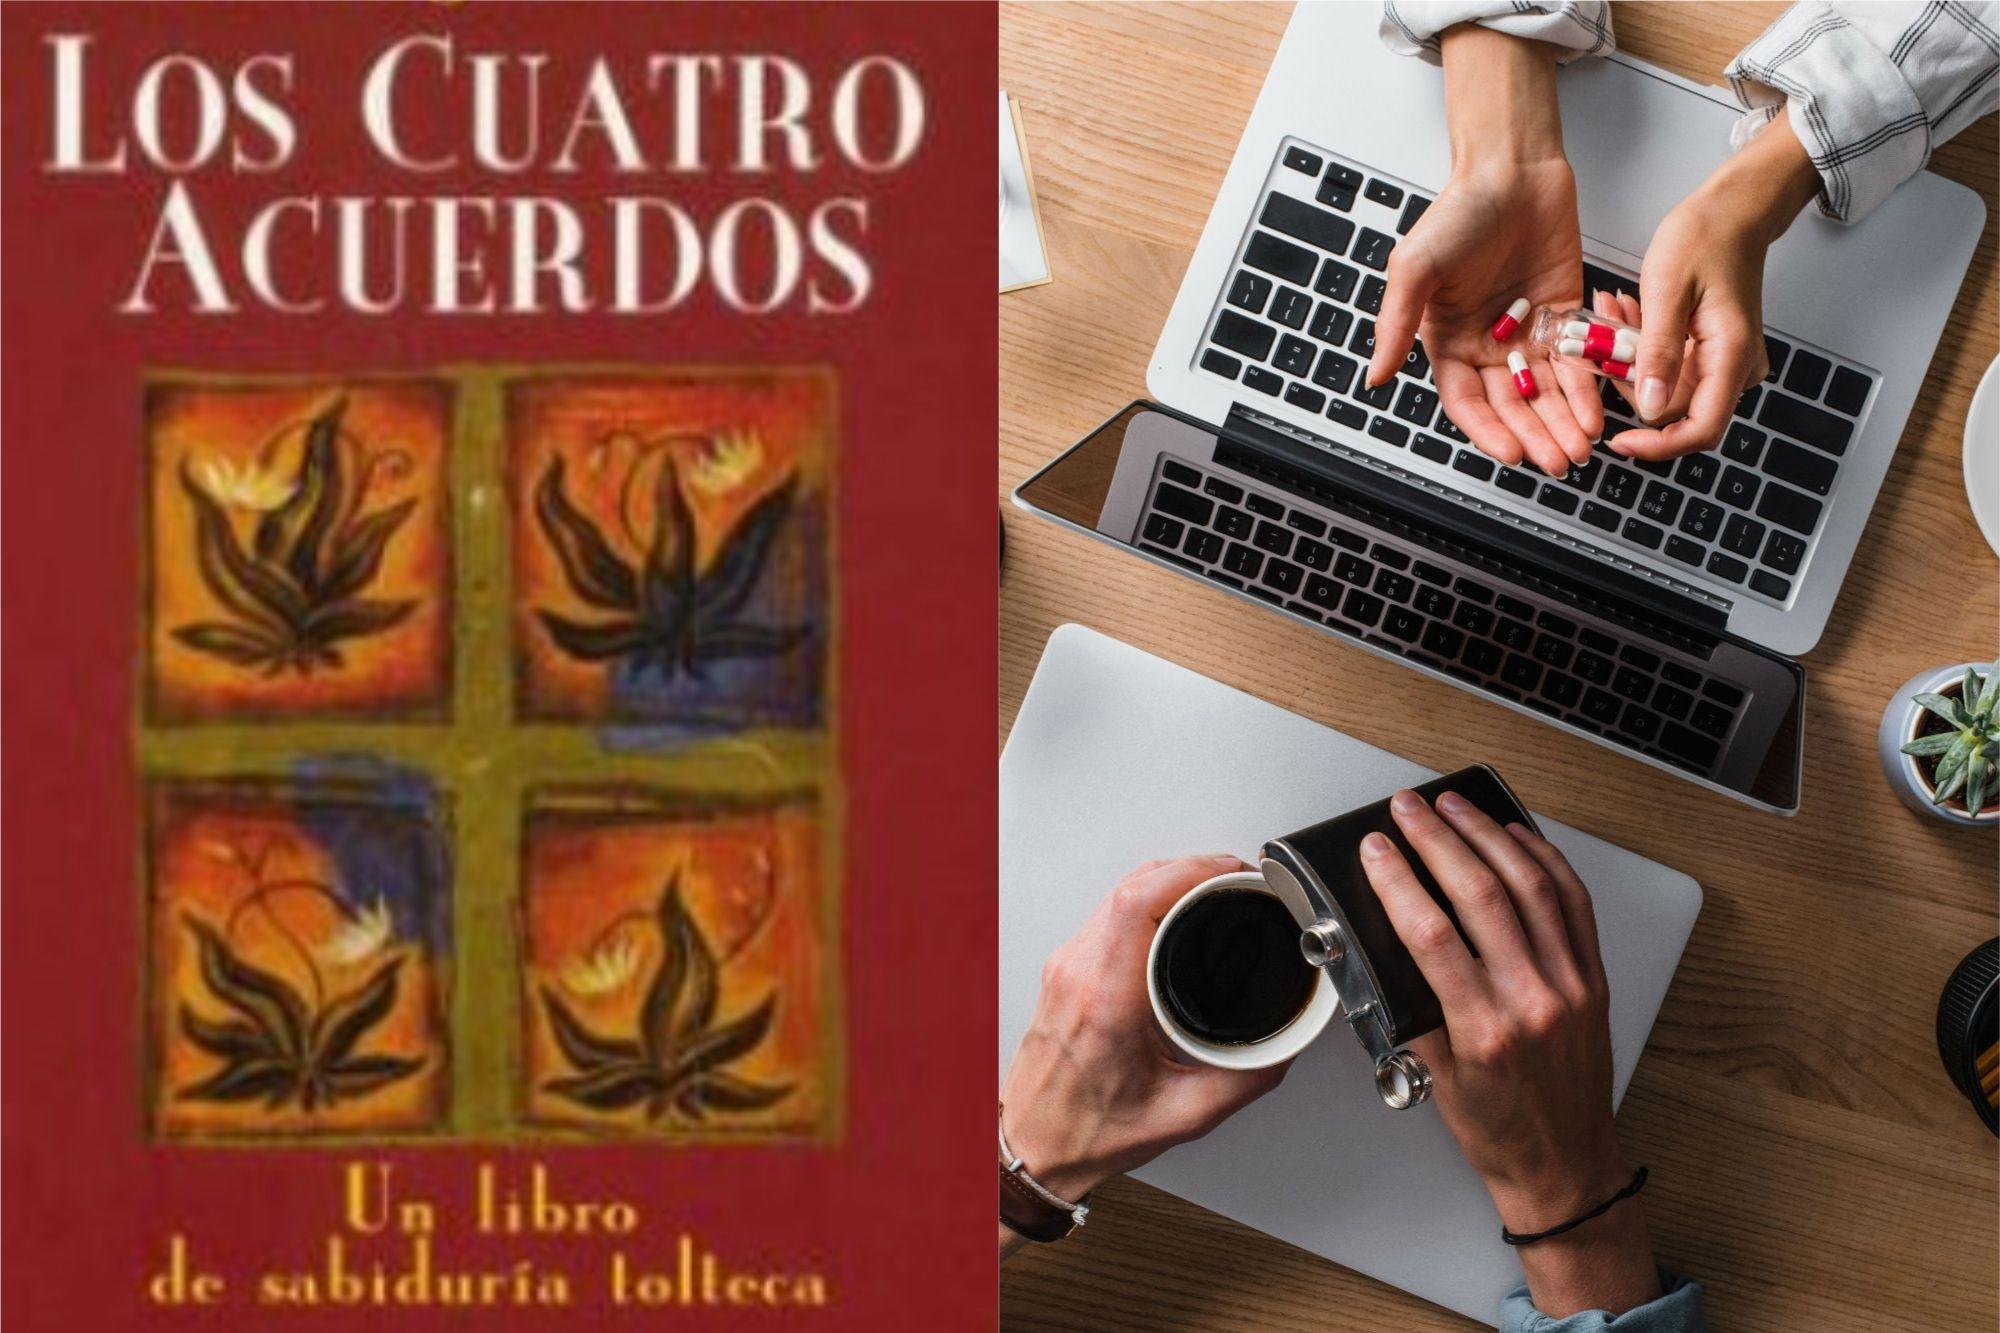 Cómo aplicar en la vida 'Los cuatro acuerdos' del doctor Miguel Ruiz en el trabajo